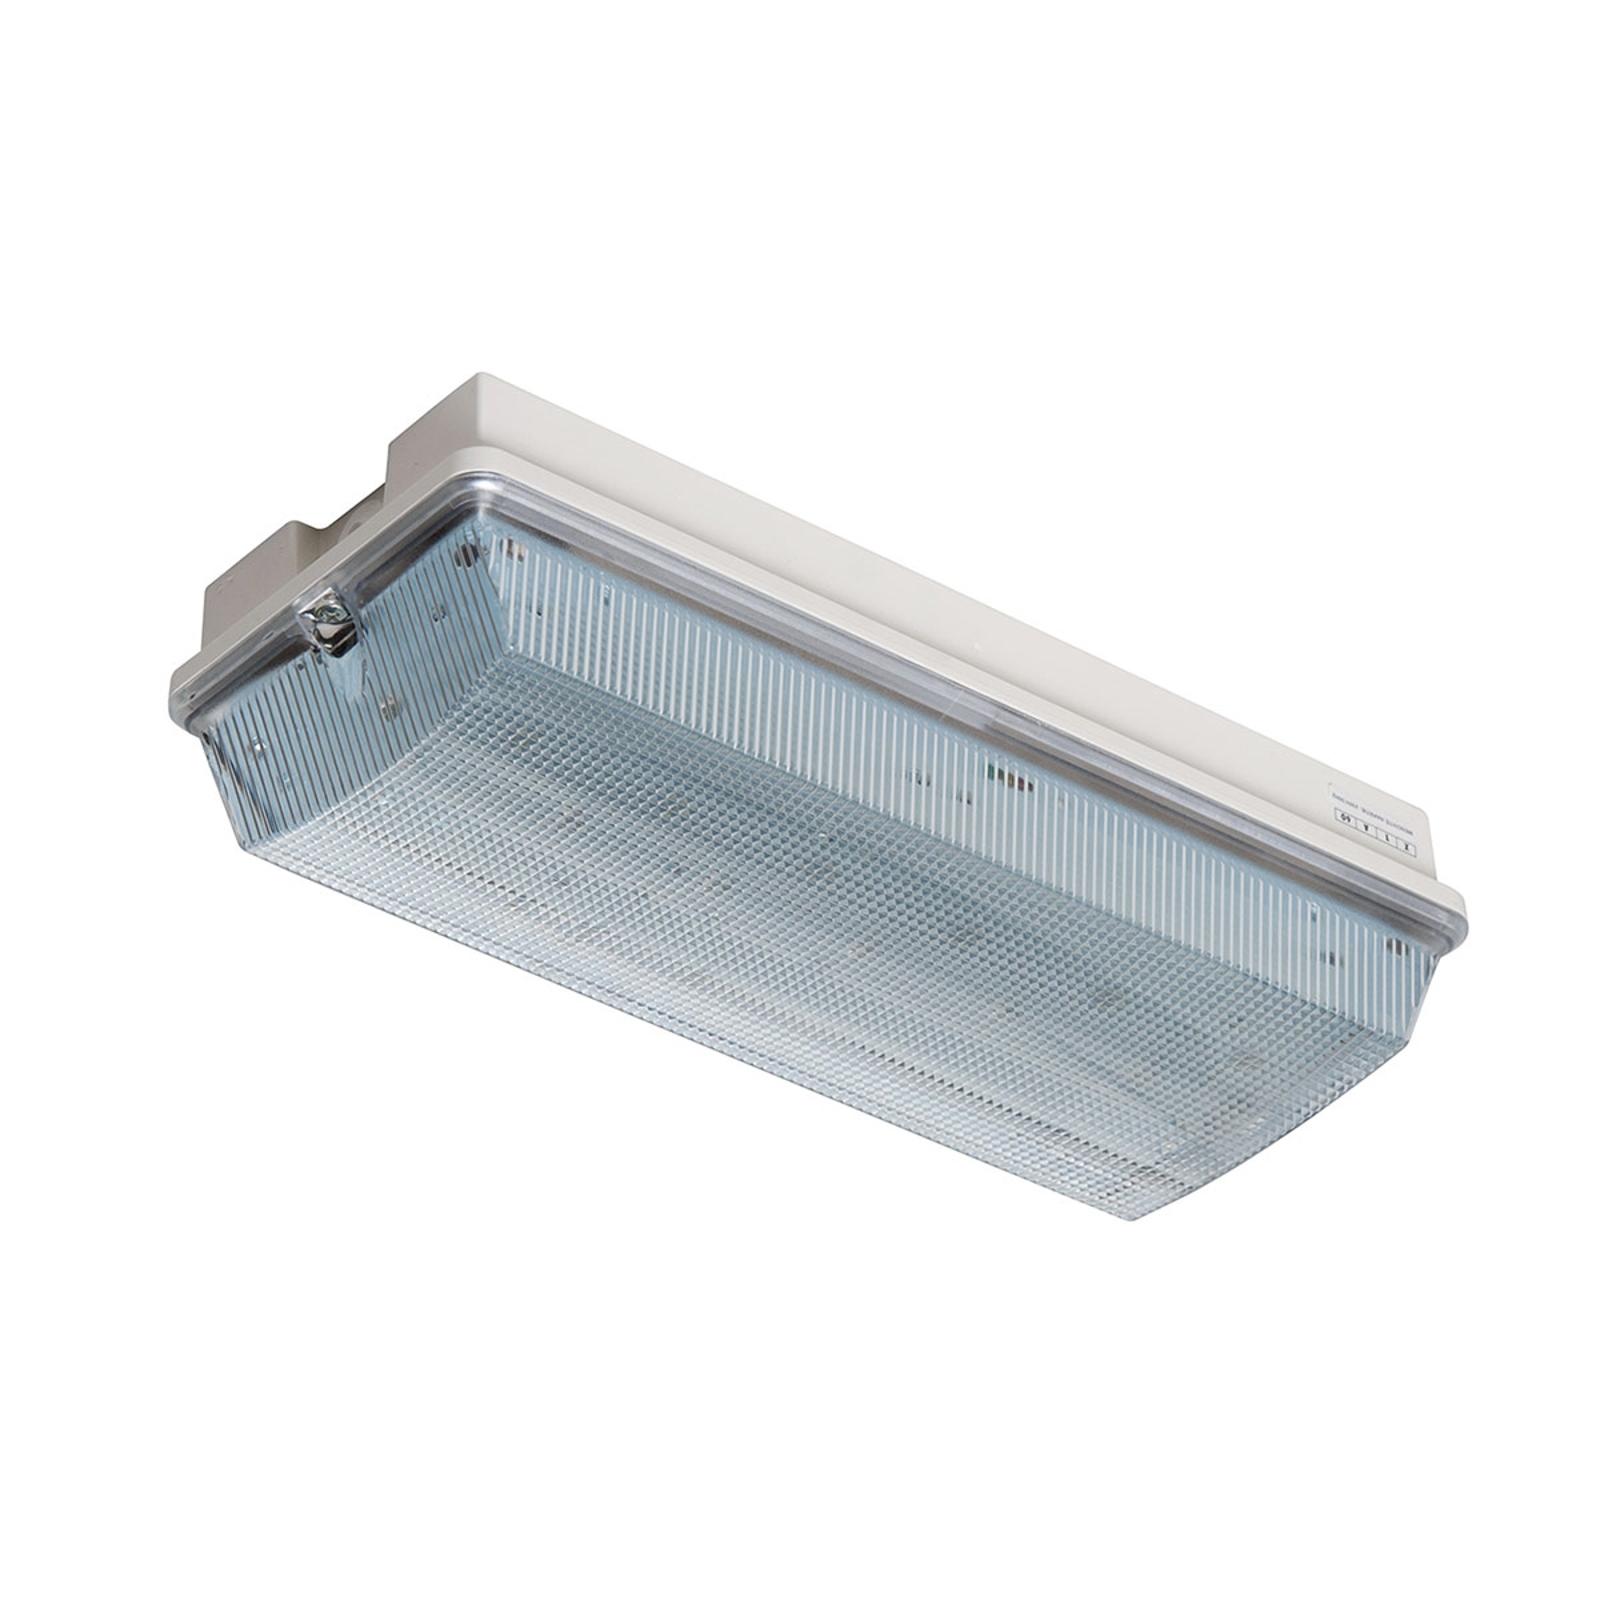 LED-Sicherheitsleuchte Frost-Lux für bis zu -30°C